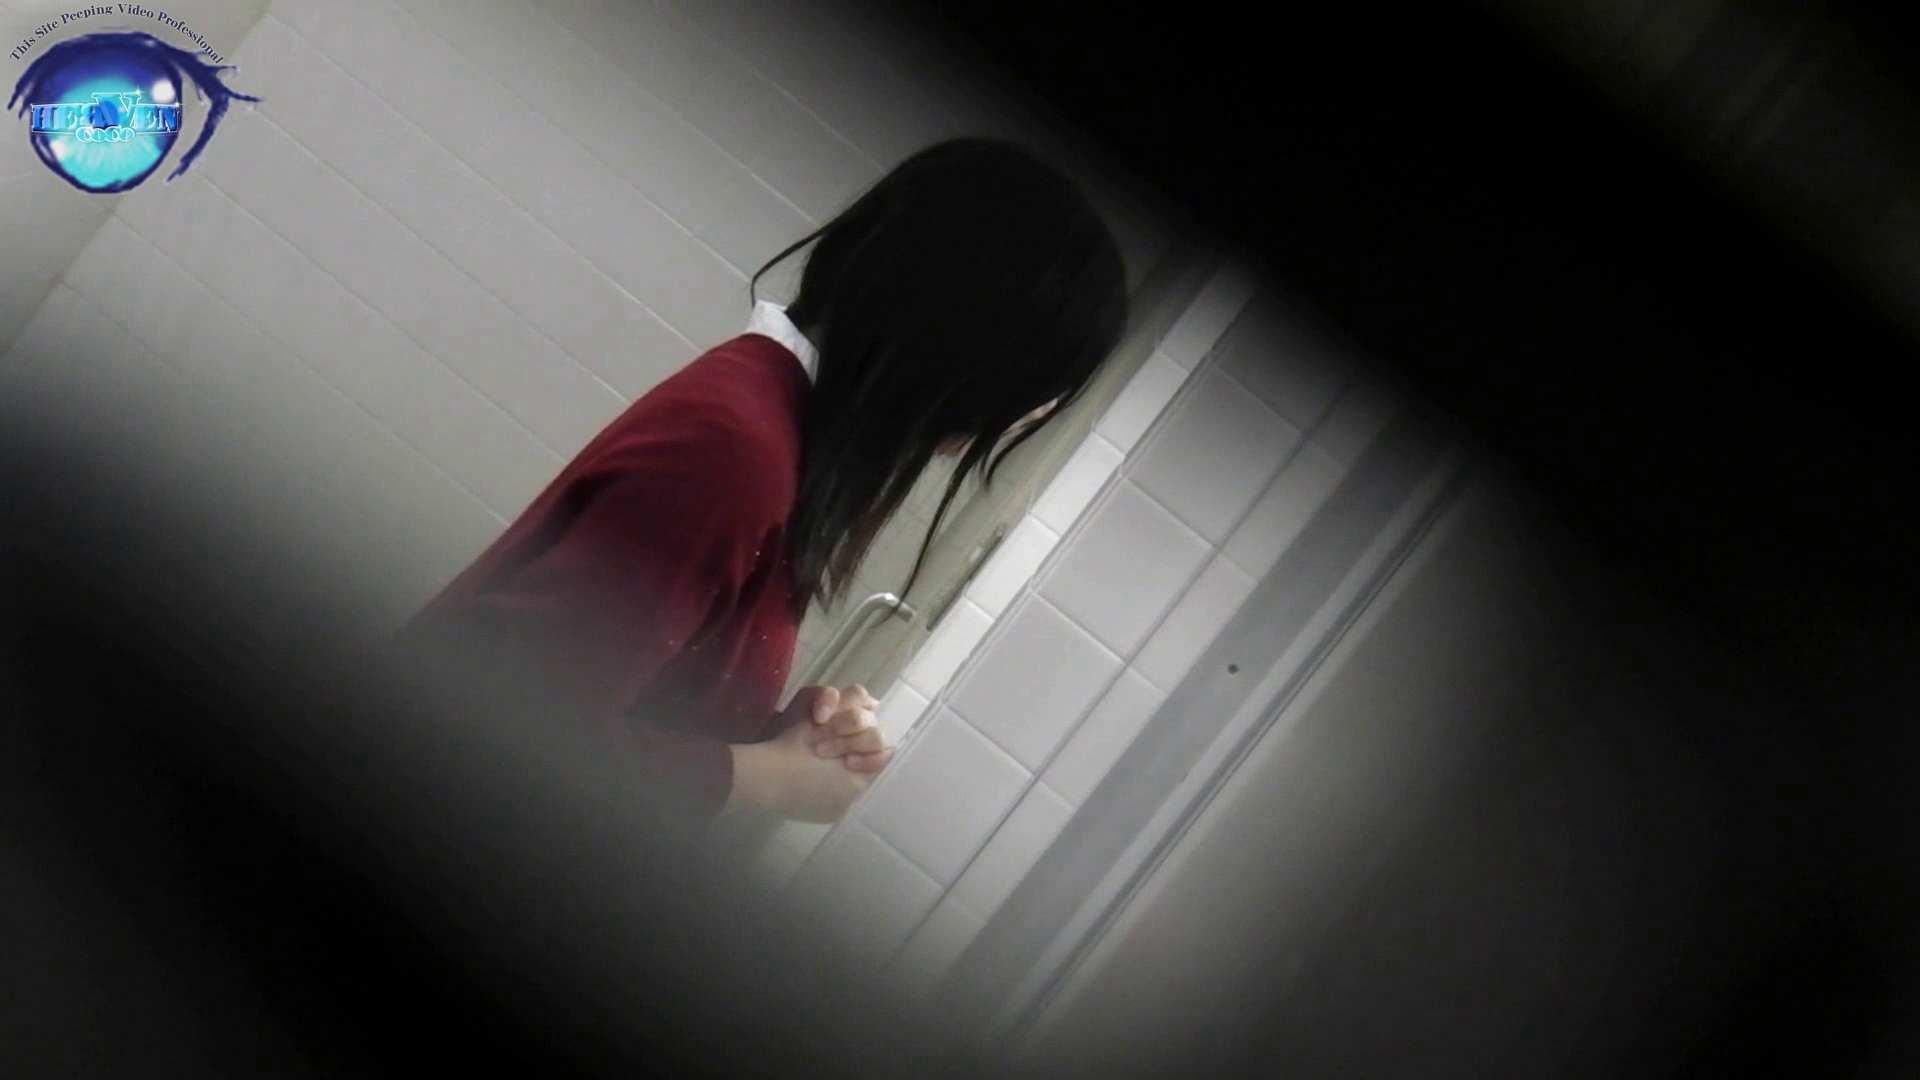 お銀さん vol.59 ピンチ!!「鏡の前で祈る女性」にばれる危機 後編 0   0  77連発 73